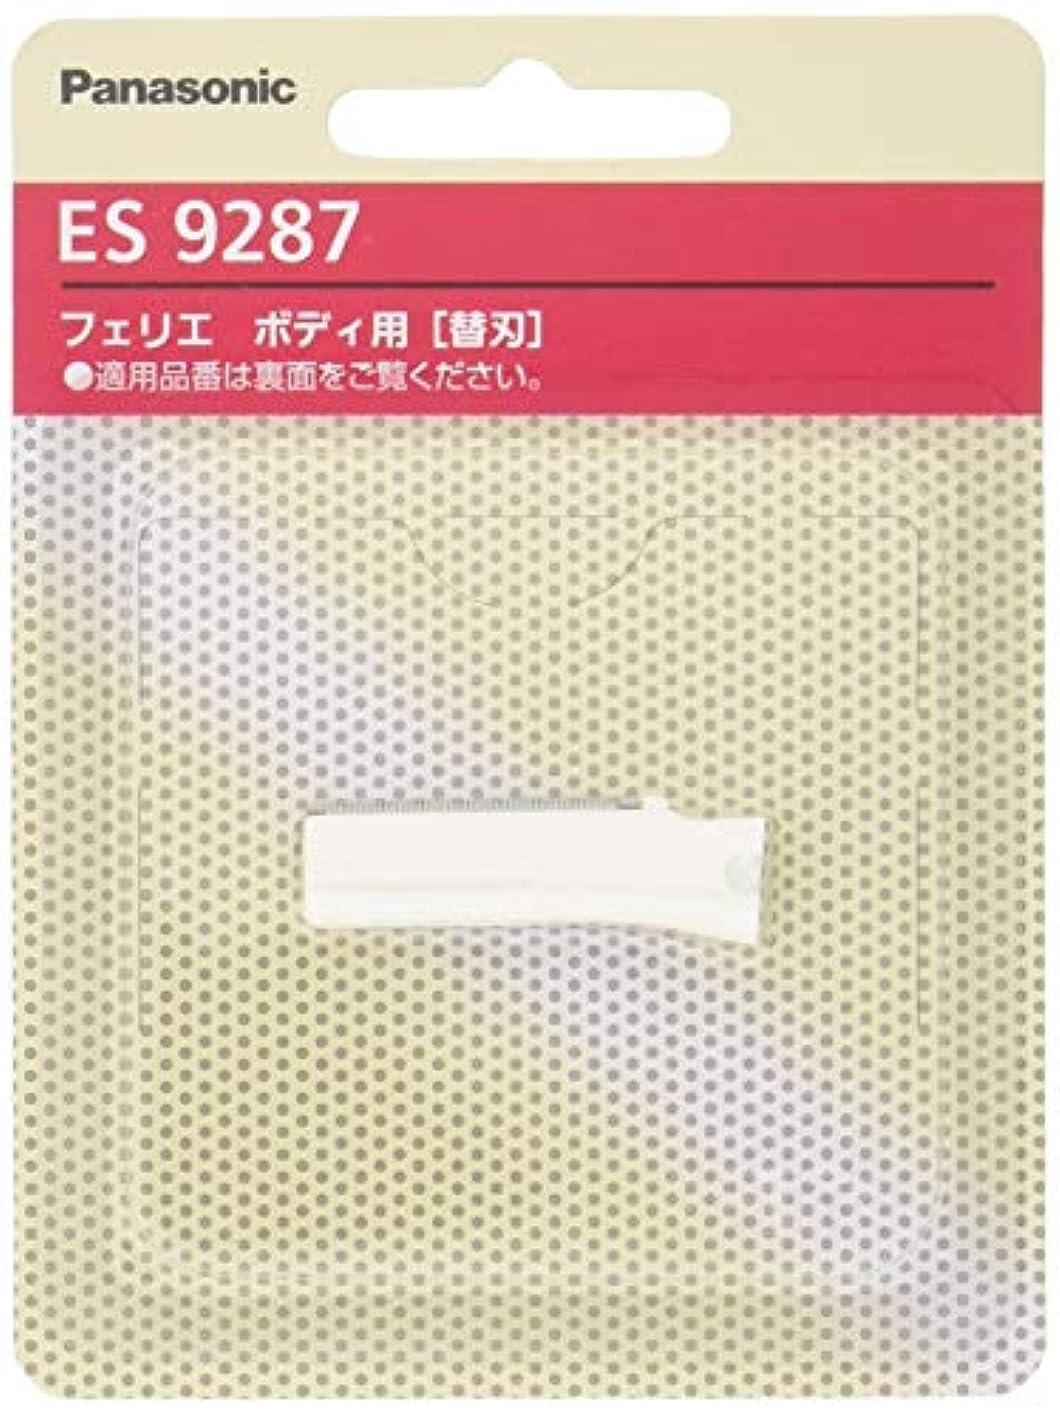 打ち上げる急性相手パナソニック 替刃 フェリエ ボディ用 ES9287